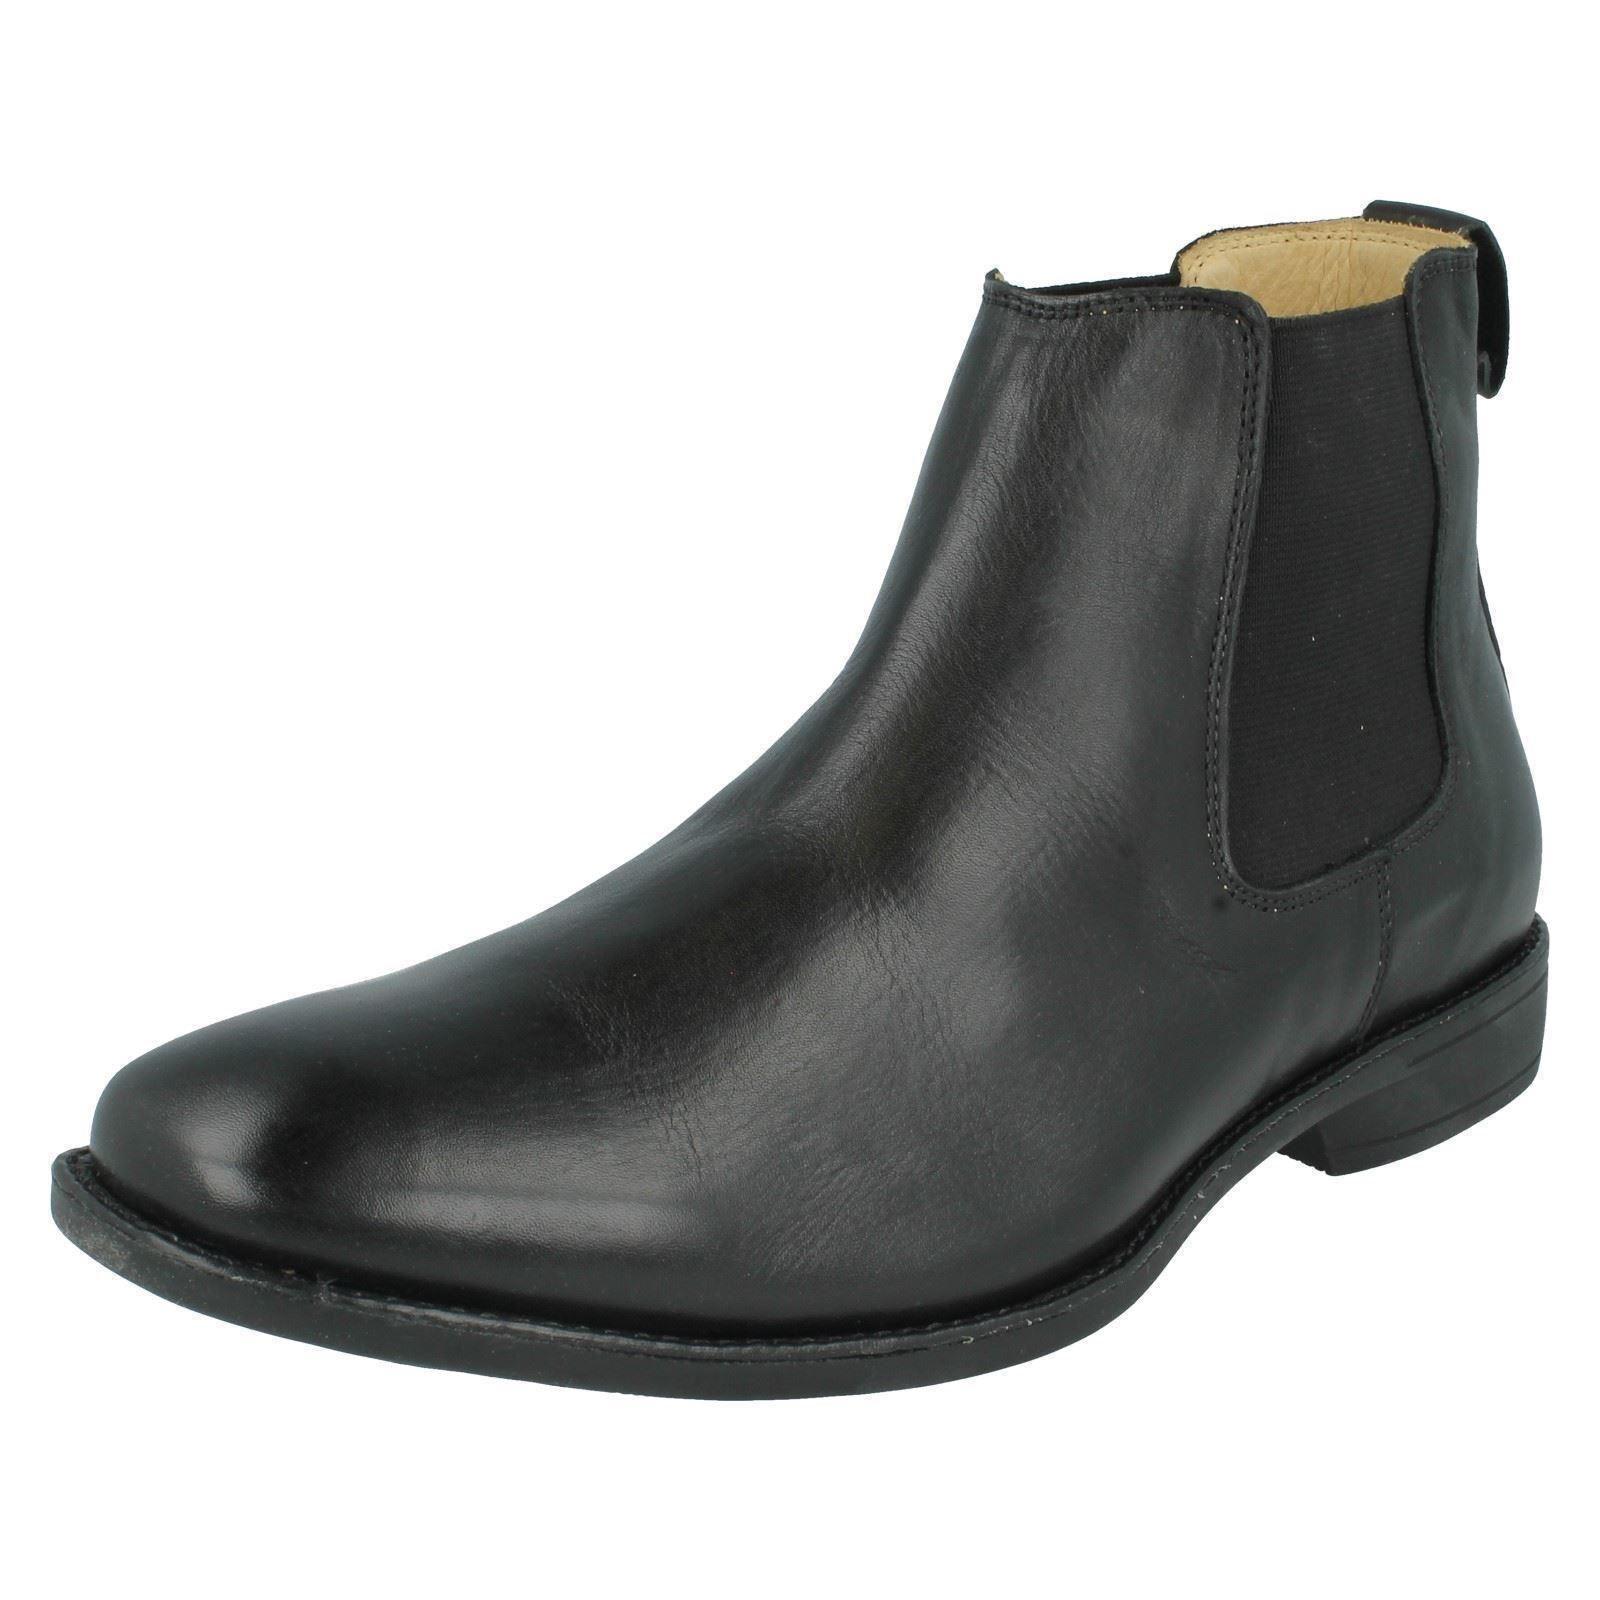 Anatomic & Co 421482.5kg Herren Schwarz Smart Chelsea-Stiefel aus Leder    | Lass unsere Waren in die Welt gehen